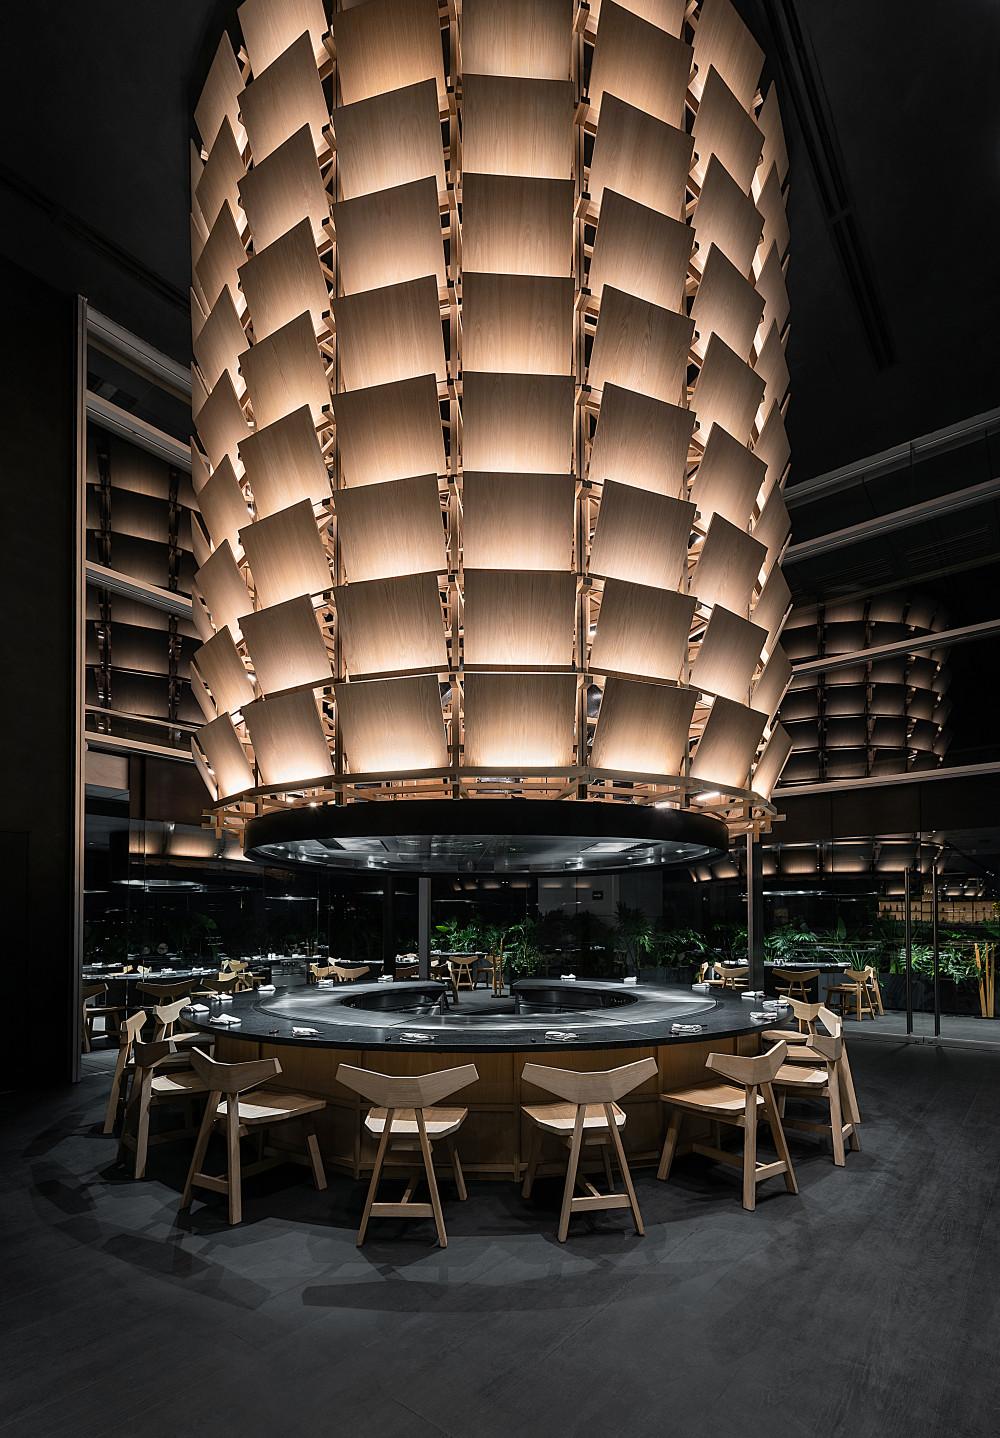 Tori_Tori 圣达菲餐厅 Restaurant Tori Tori Santa Fe / Esrawe Studio